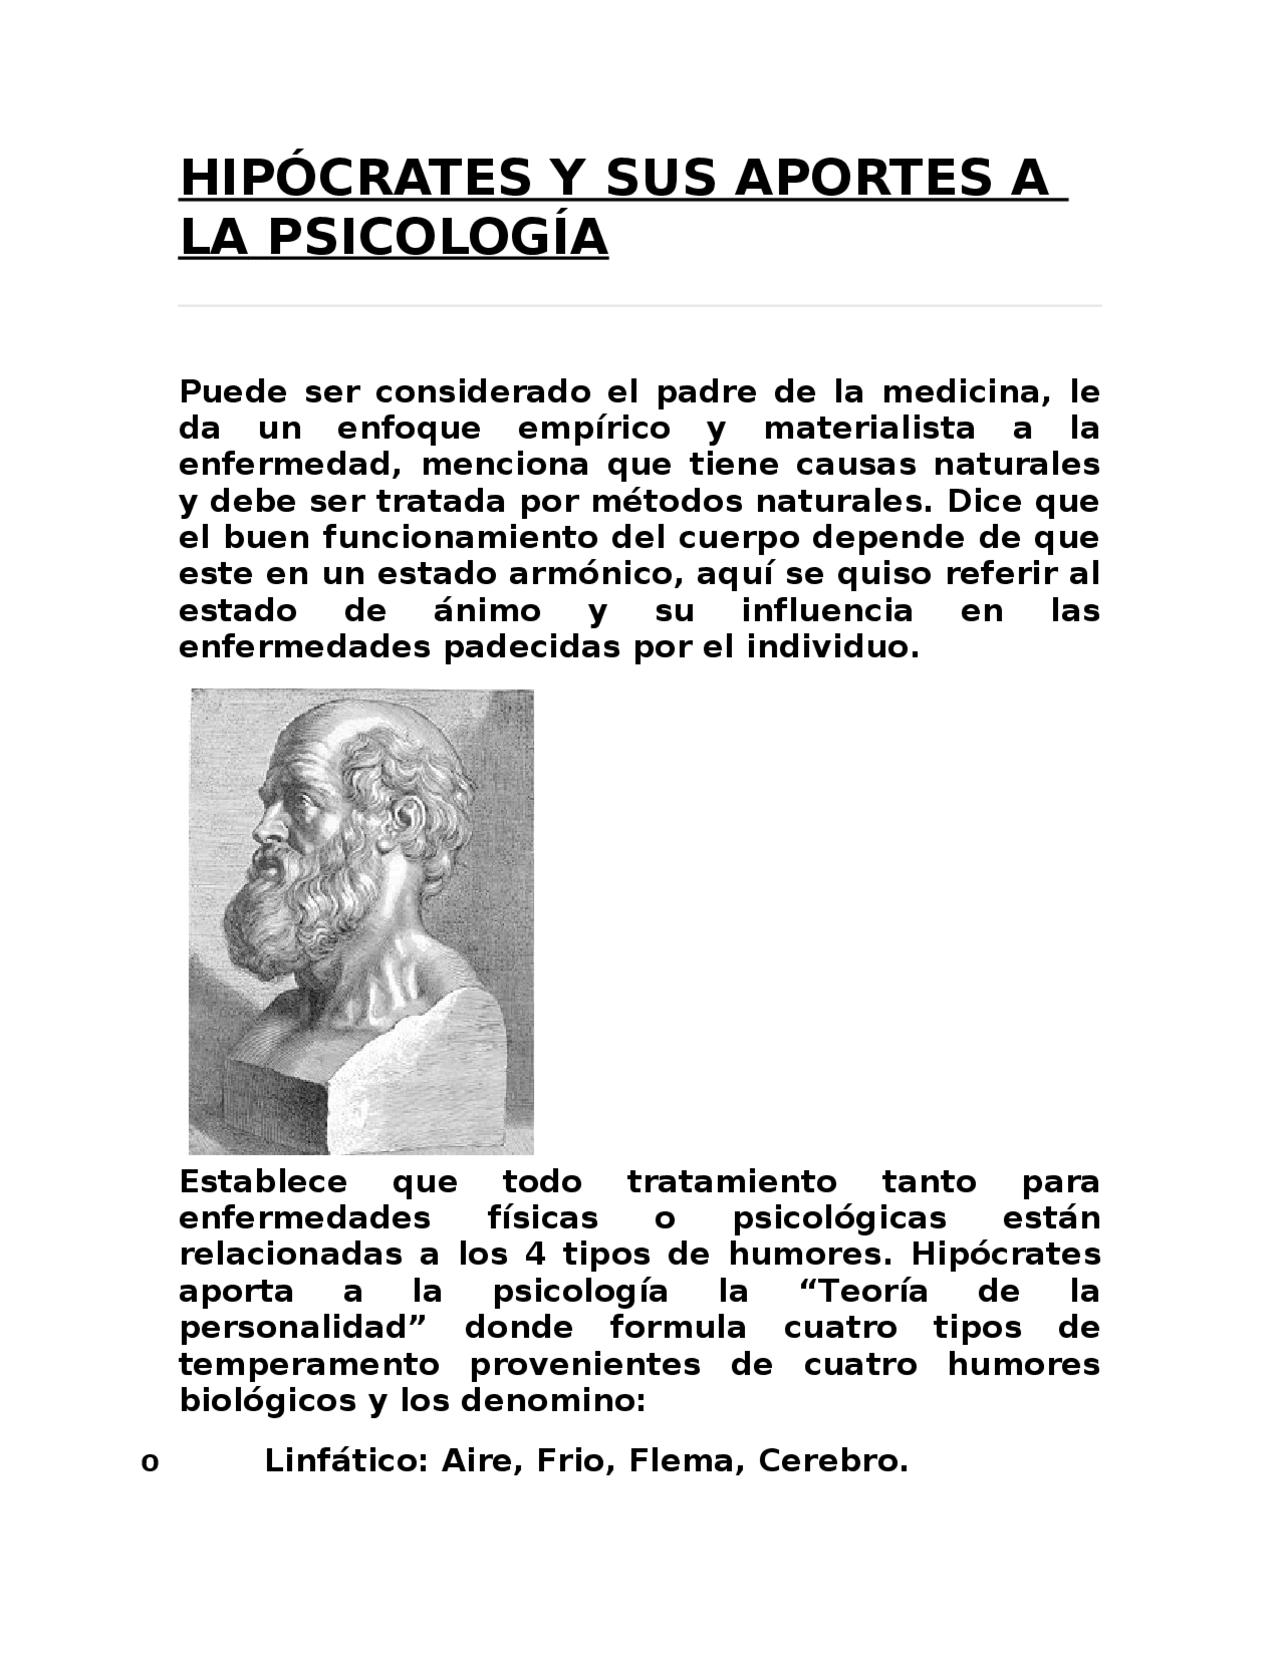 Hipocrates Y Sus Aportes A La Psicologia Docsity